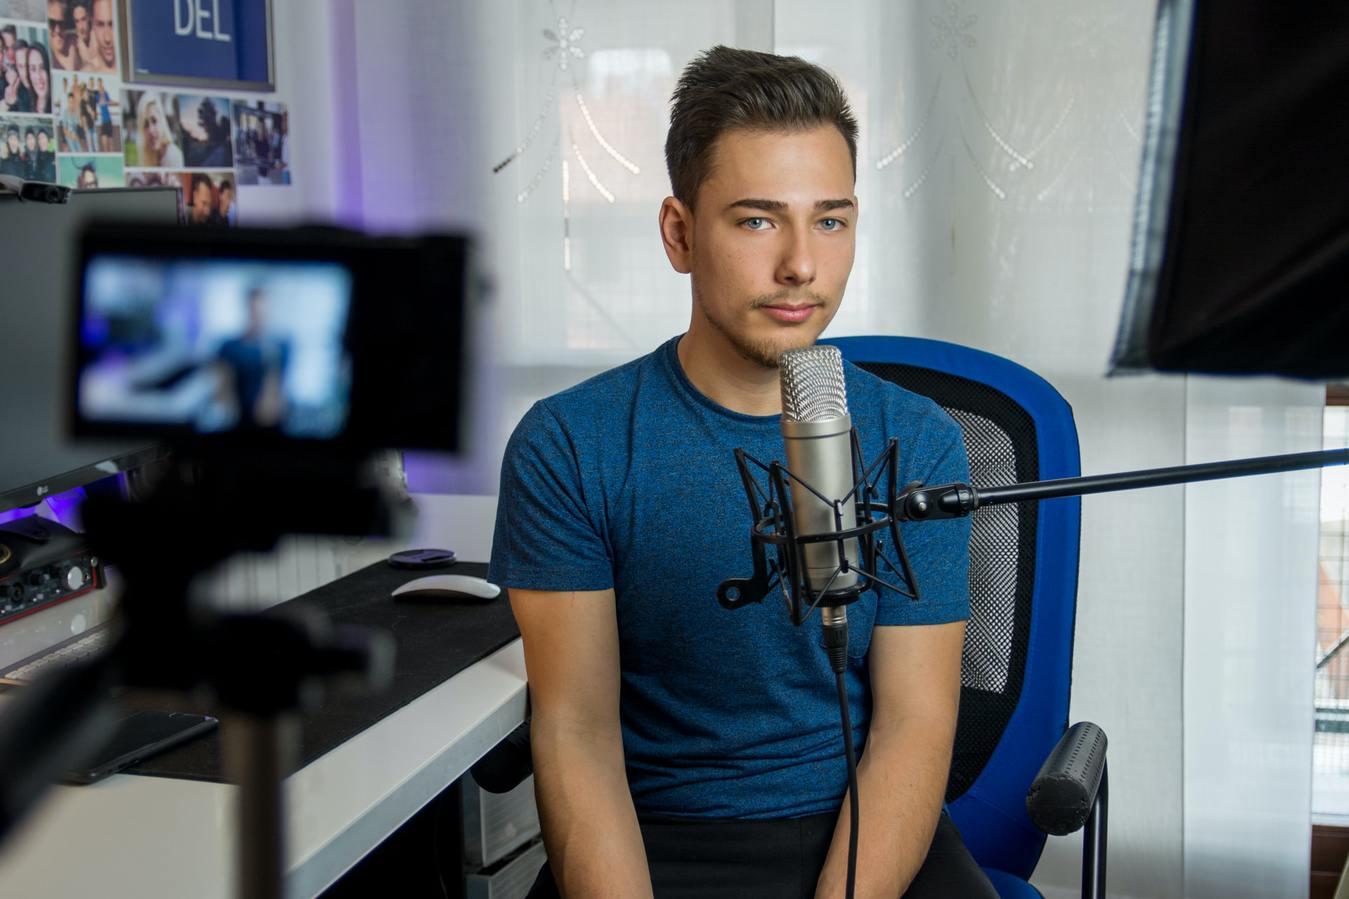 Registrazione video Youtube: ragazzo con una fotocamera e un microfono